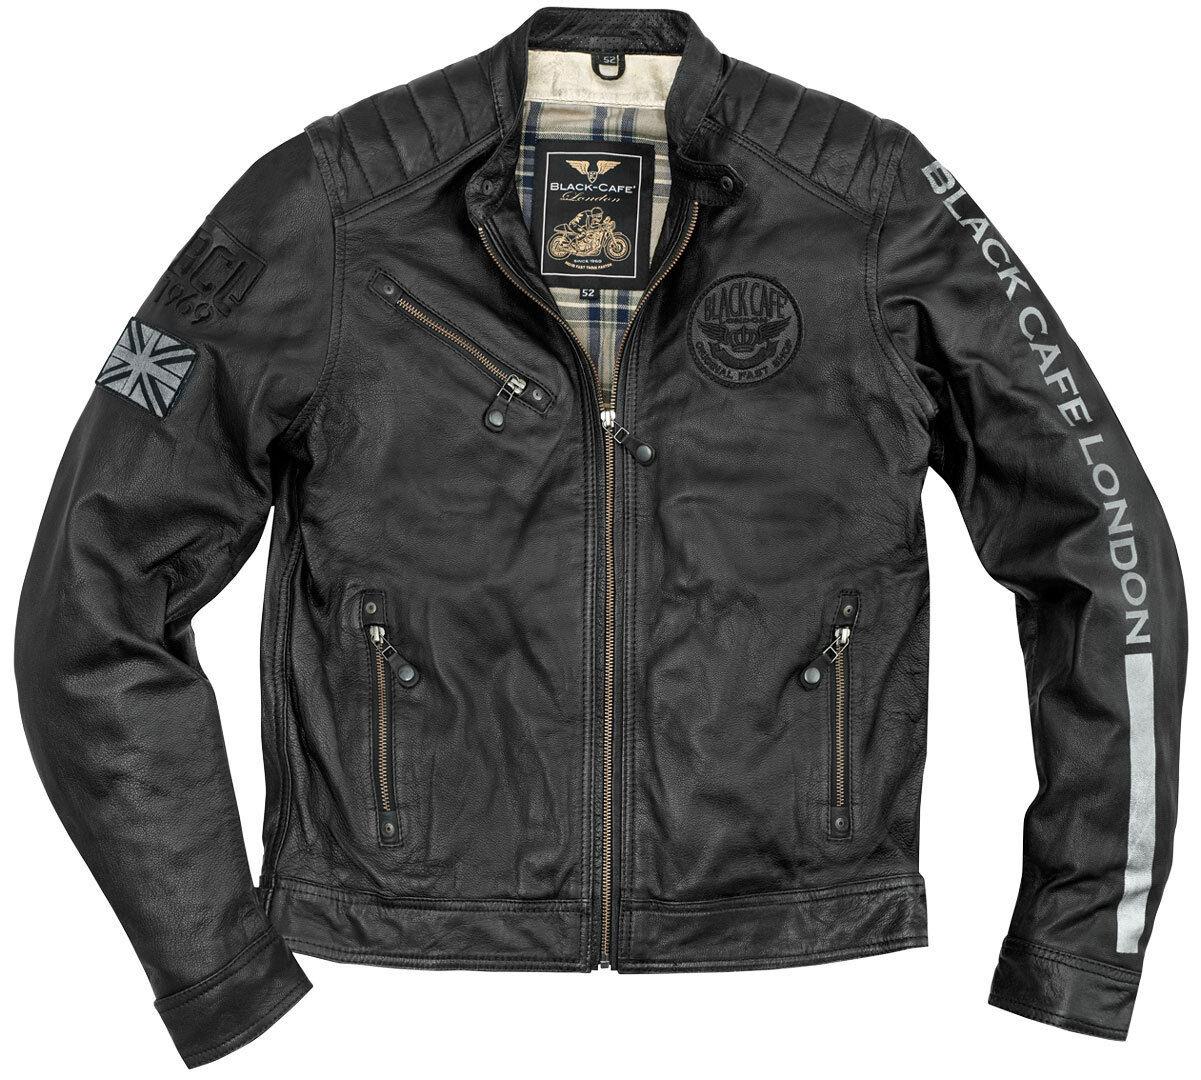 Black-Cafe London Shanghai Veste en cuir de moto Noir Blanc taille : 56